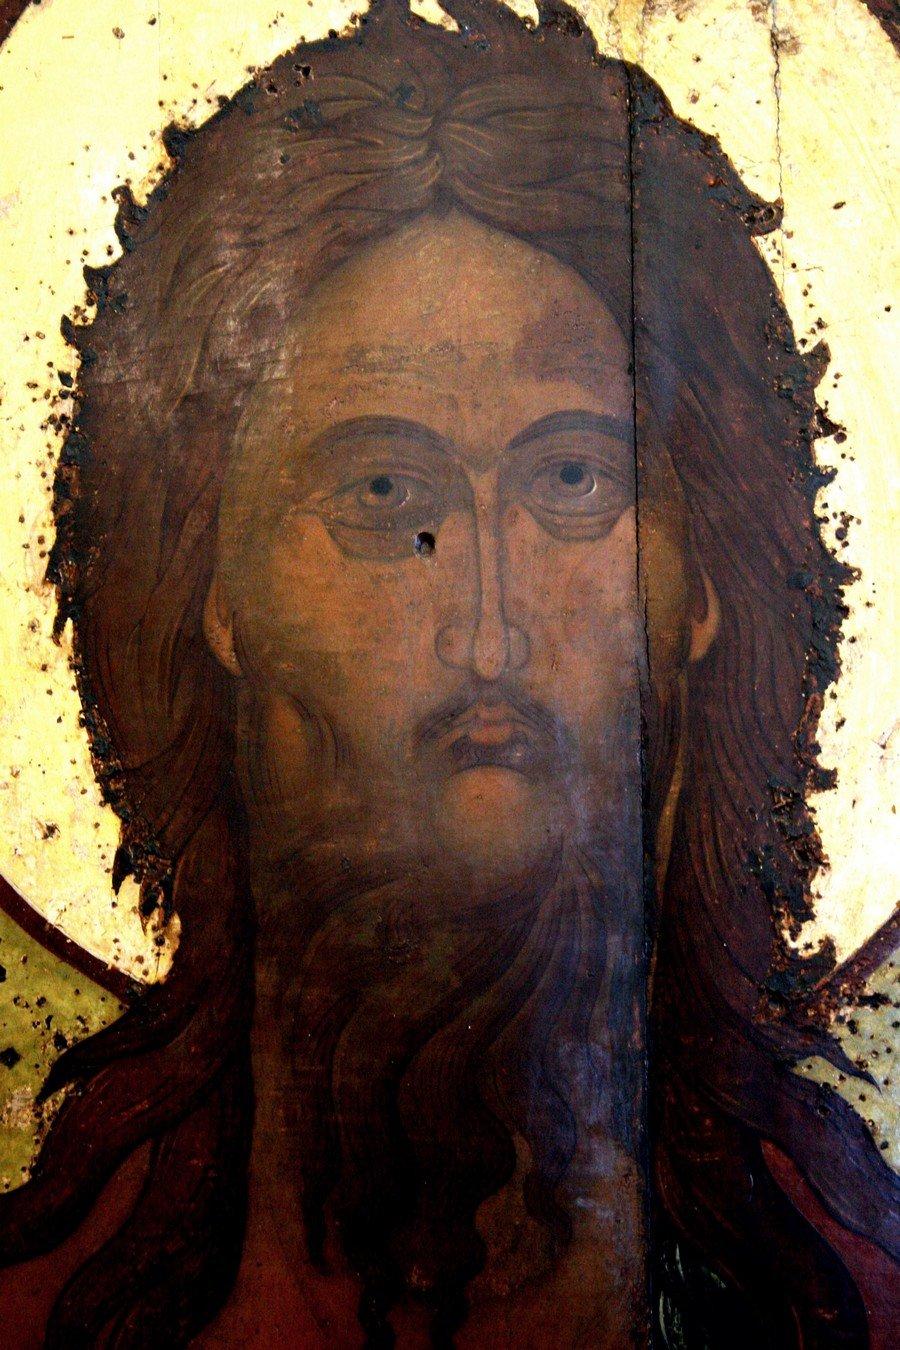 Святой Пророк, Предтеча и Креститель Господень Иоанн. Икона. Ярославль, XVI век. Фрагмент.